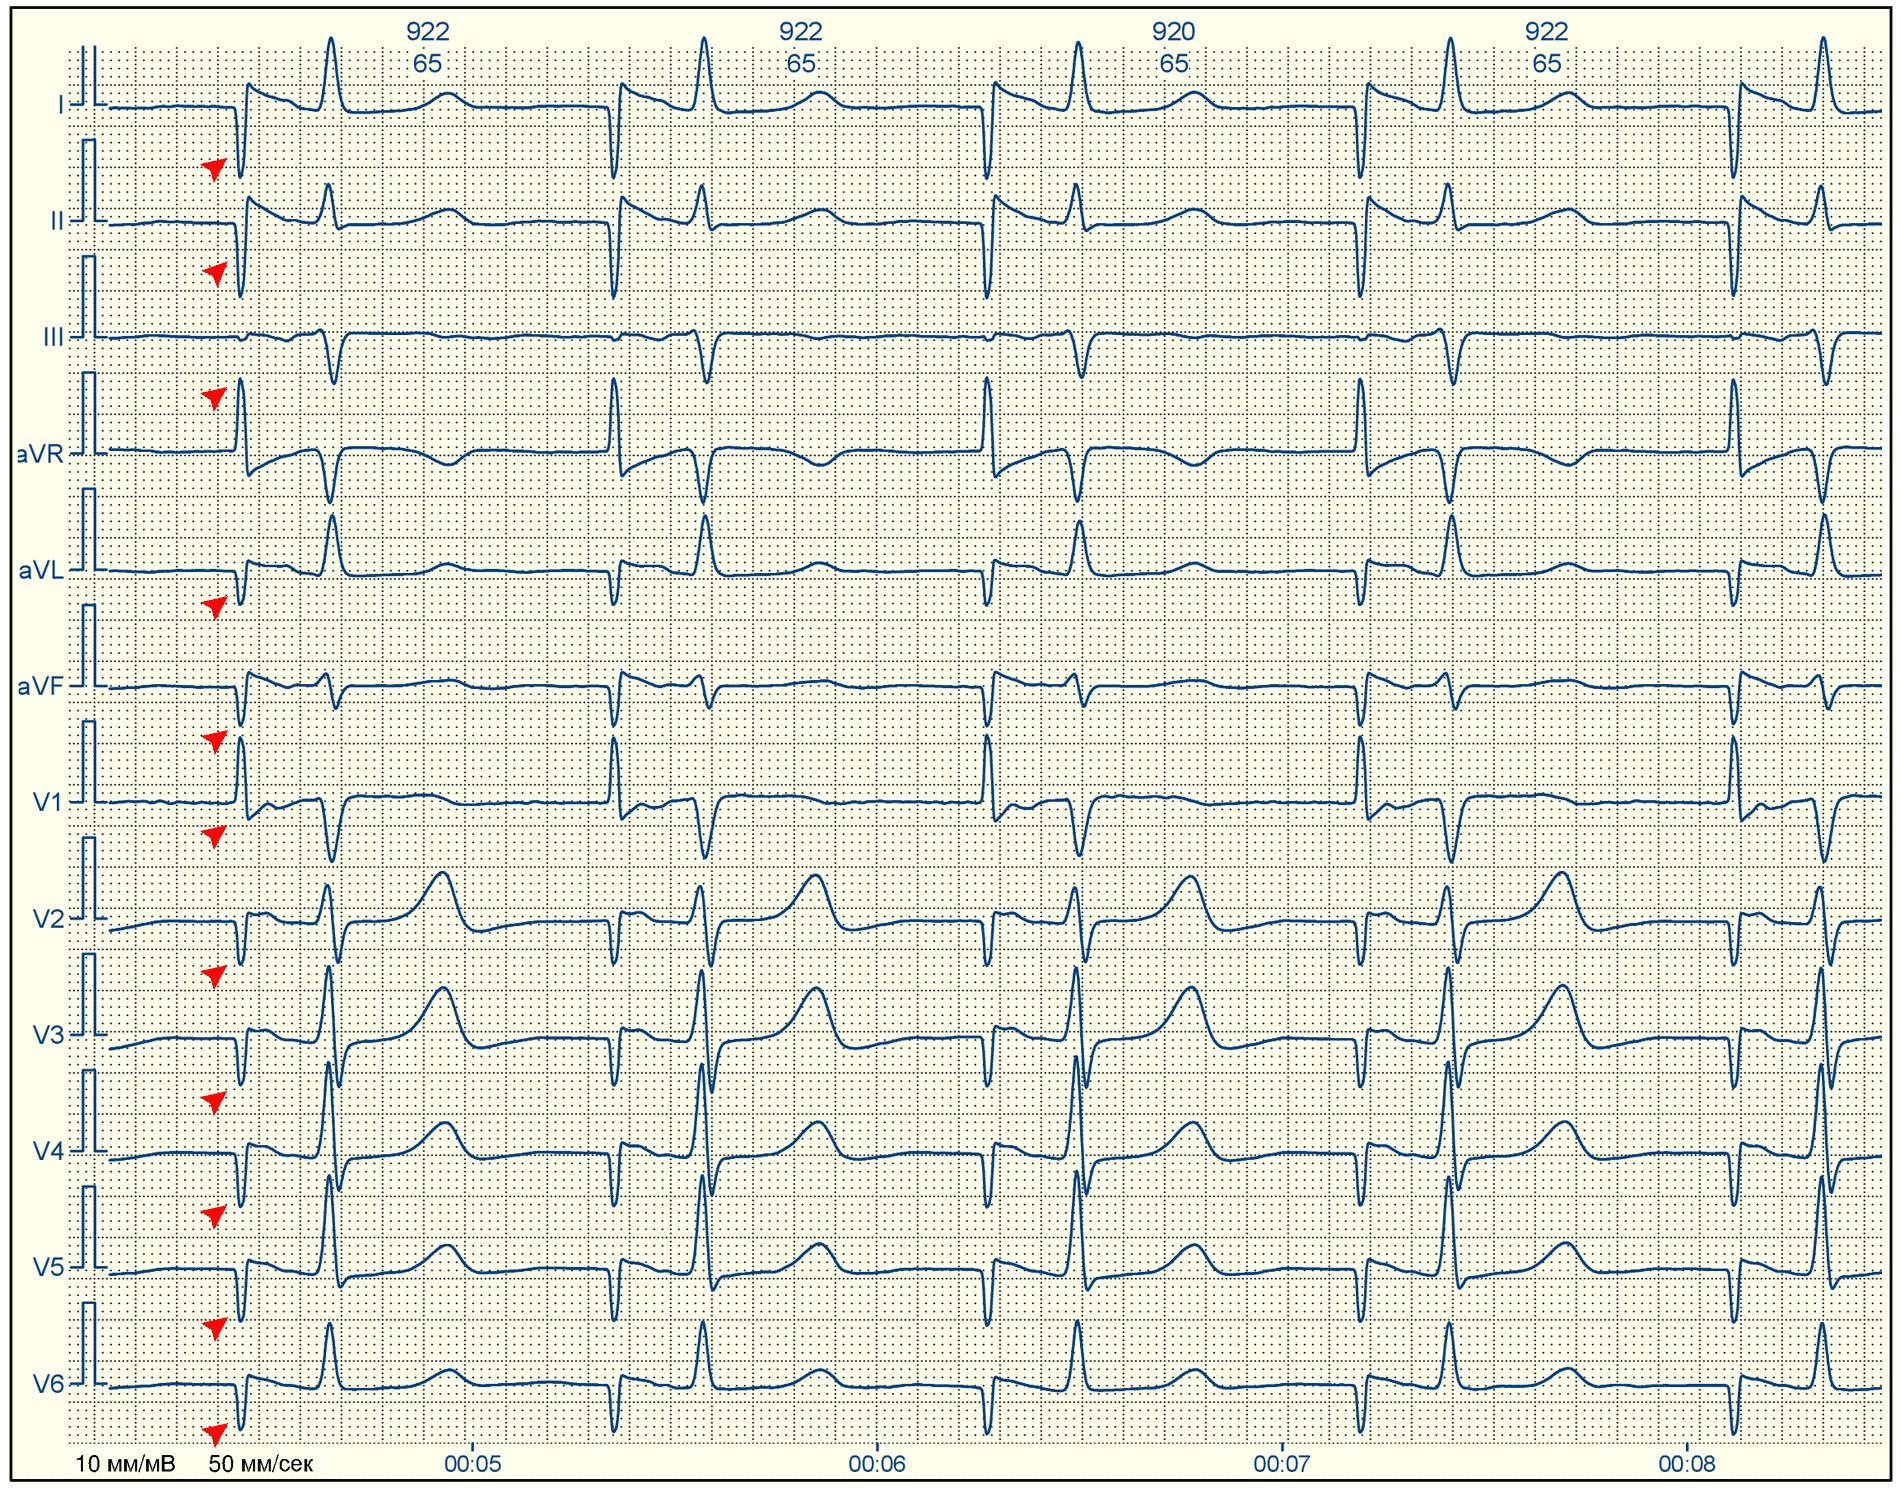 Синусовый ритм на экг: что это такое, расшифровка результатов кардиограммы